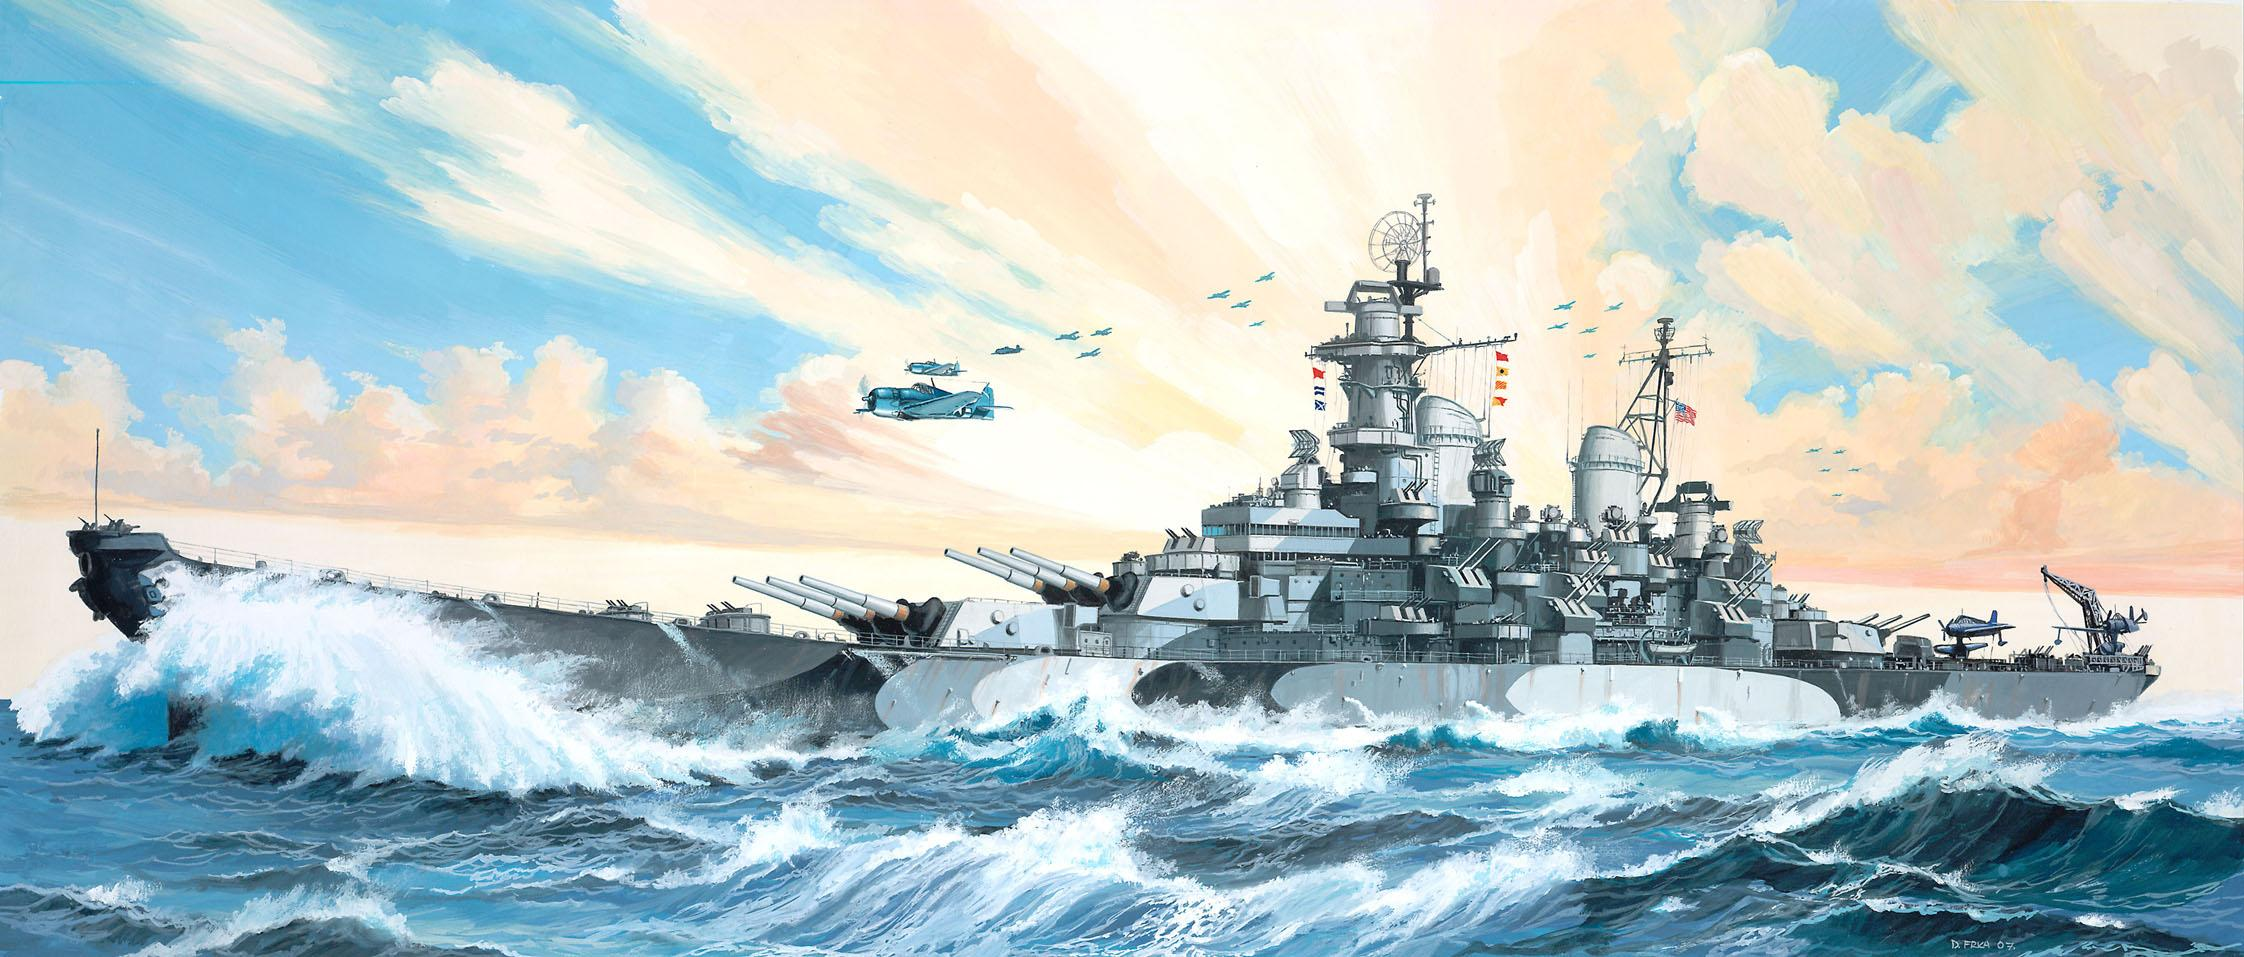 рисунок Battleship USS Missouri